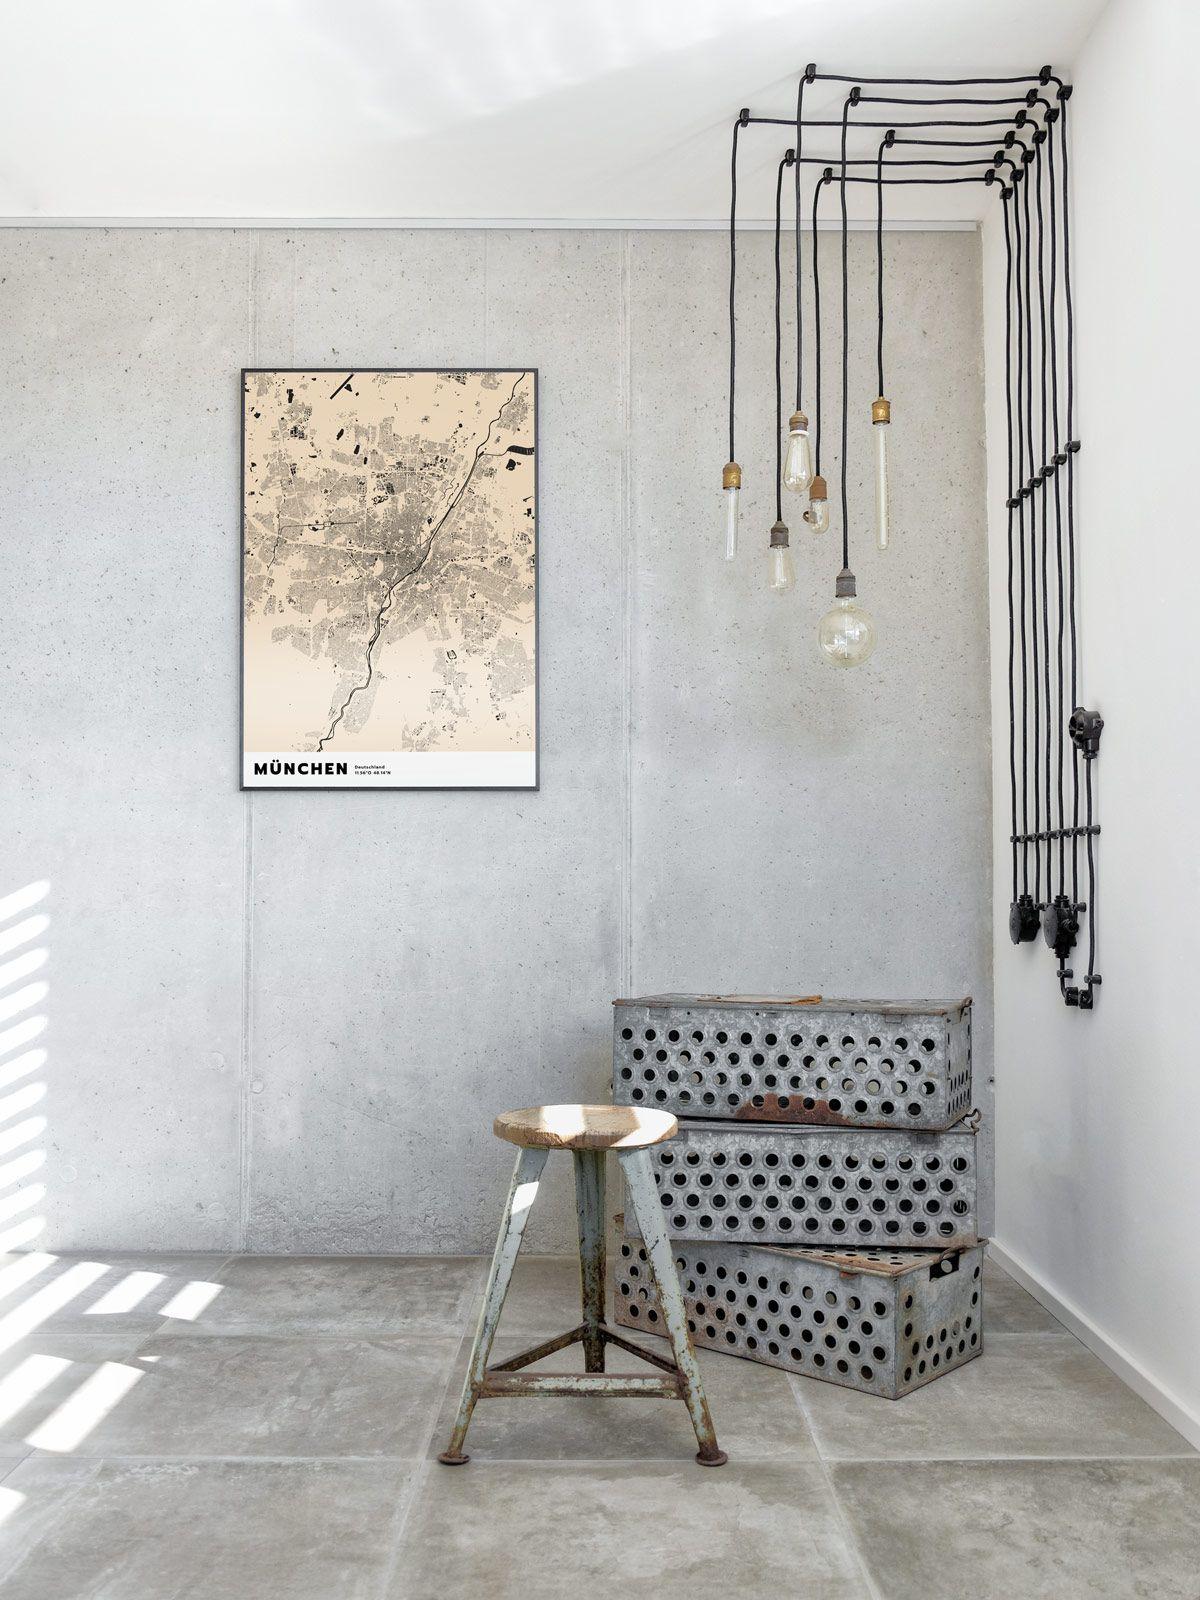 Dekoration mx living dekoration dekoration w nde und wandgestaltung - Industrial style deko ...